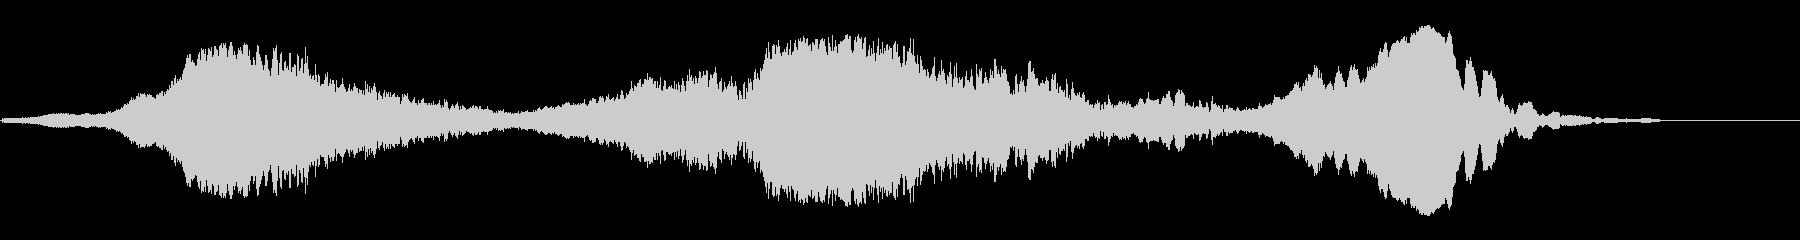 ウィーーン(宇宙船が通過する効果音)の未再生の波形